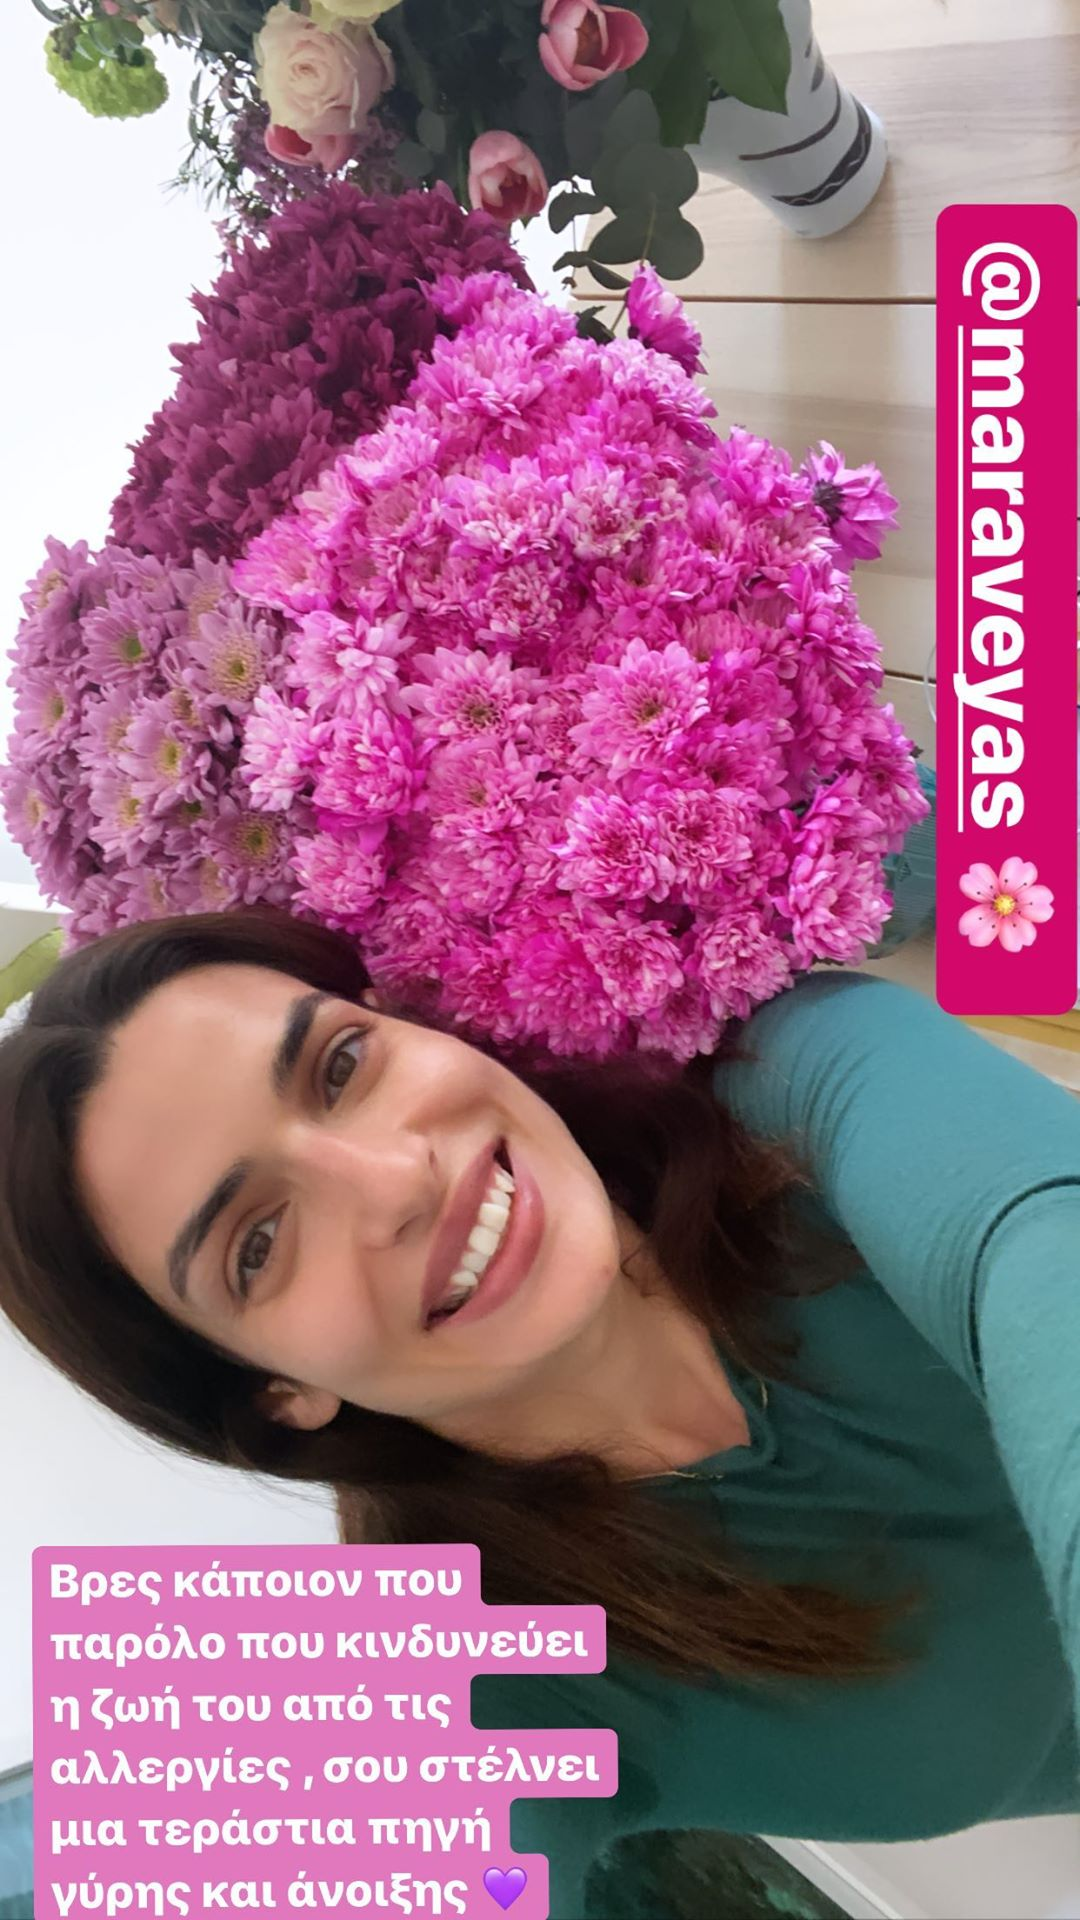 Κωστής Μαραβέγιας: Το τρυφερό δώρο- έκπληξη στην Τόνια Σωτηροπούλου για τα γενέθλιά της